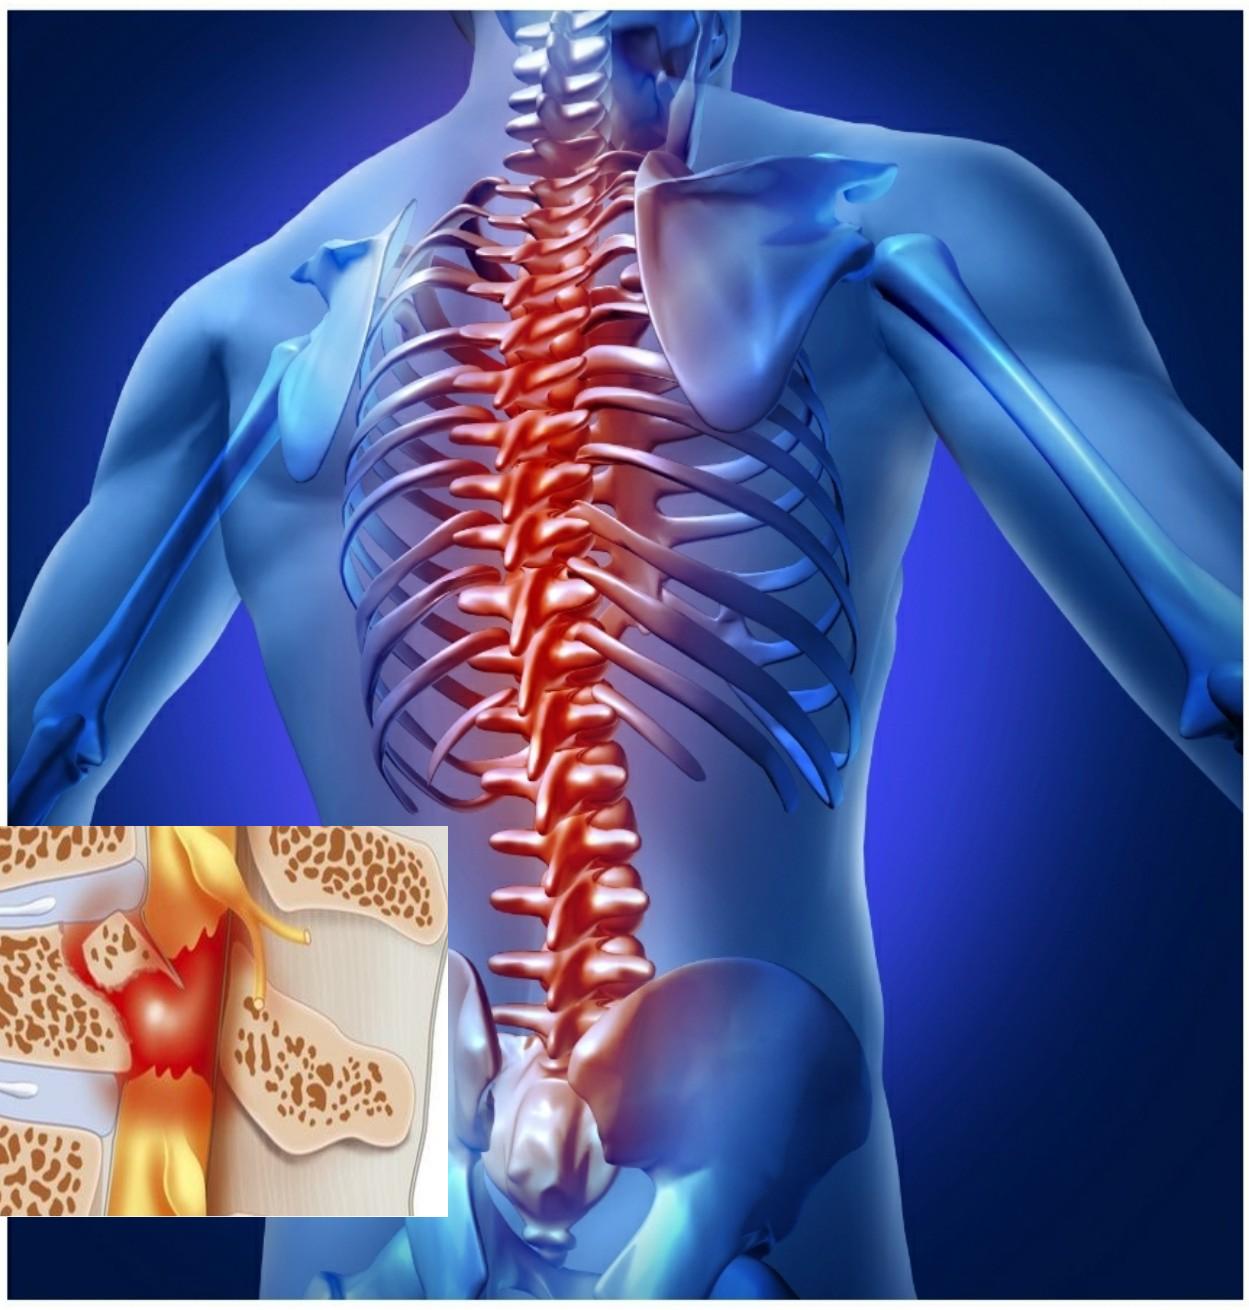 Sau tổn thương tủy sống - Giúp người bệnh kiểm soát cơn đau, hòa nhập cộng đồng - Ảnh 3.